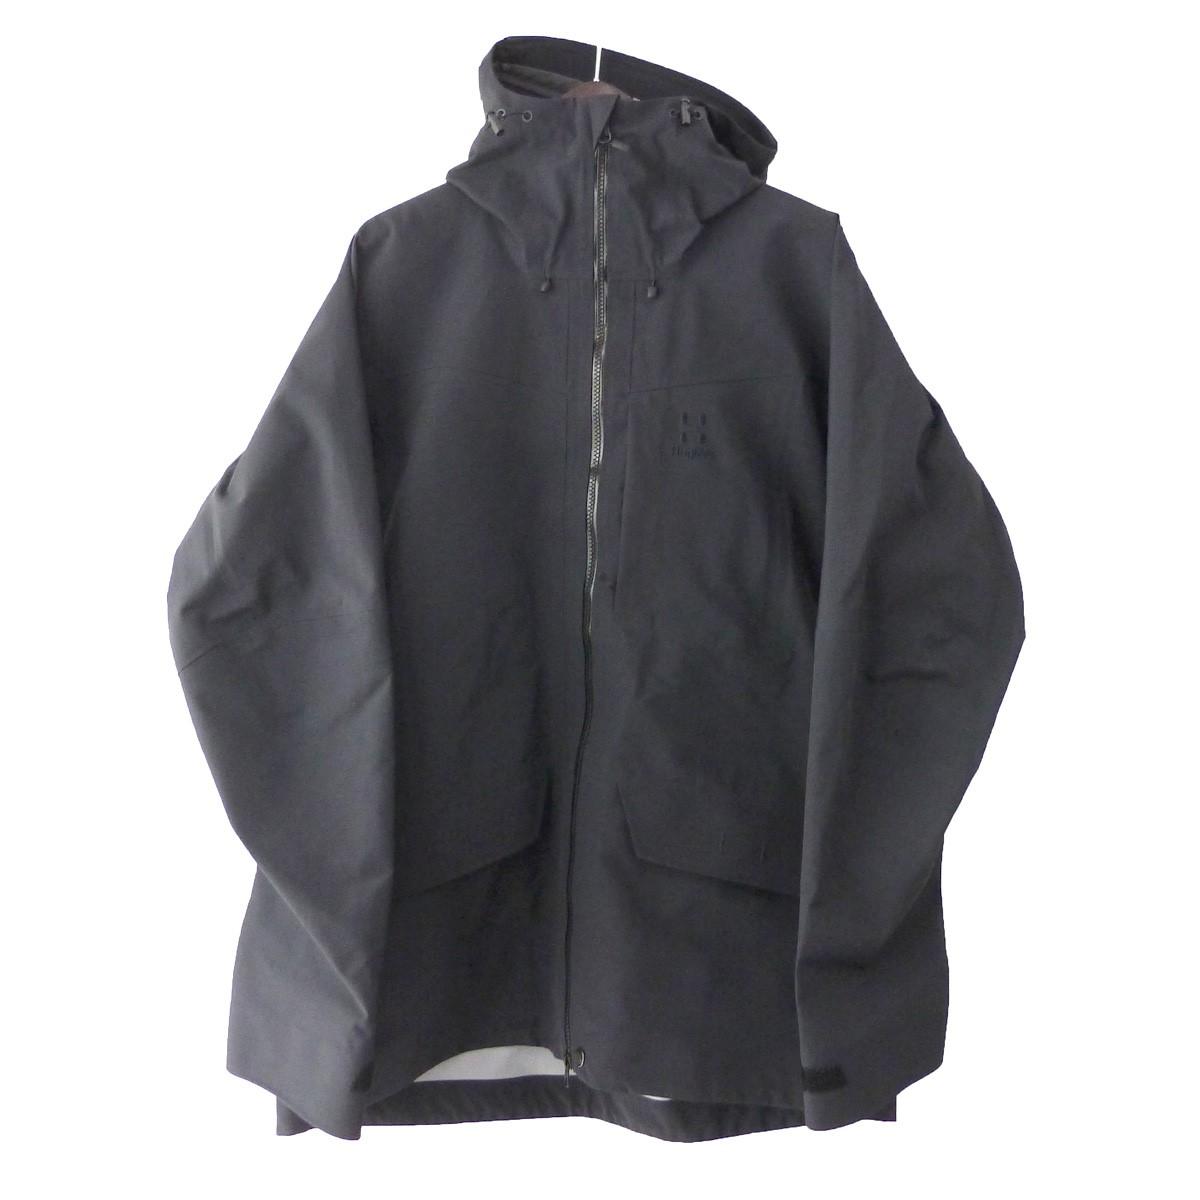 【中古】HAGLOFS 「Grym Evo Jacket」 グリムエボジャケット ブラック サイズ:L 【010520】(ホグロフス)